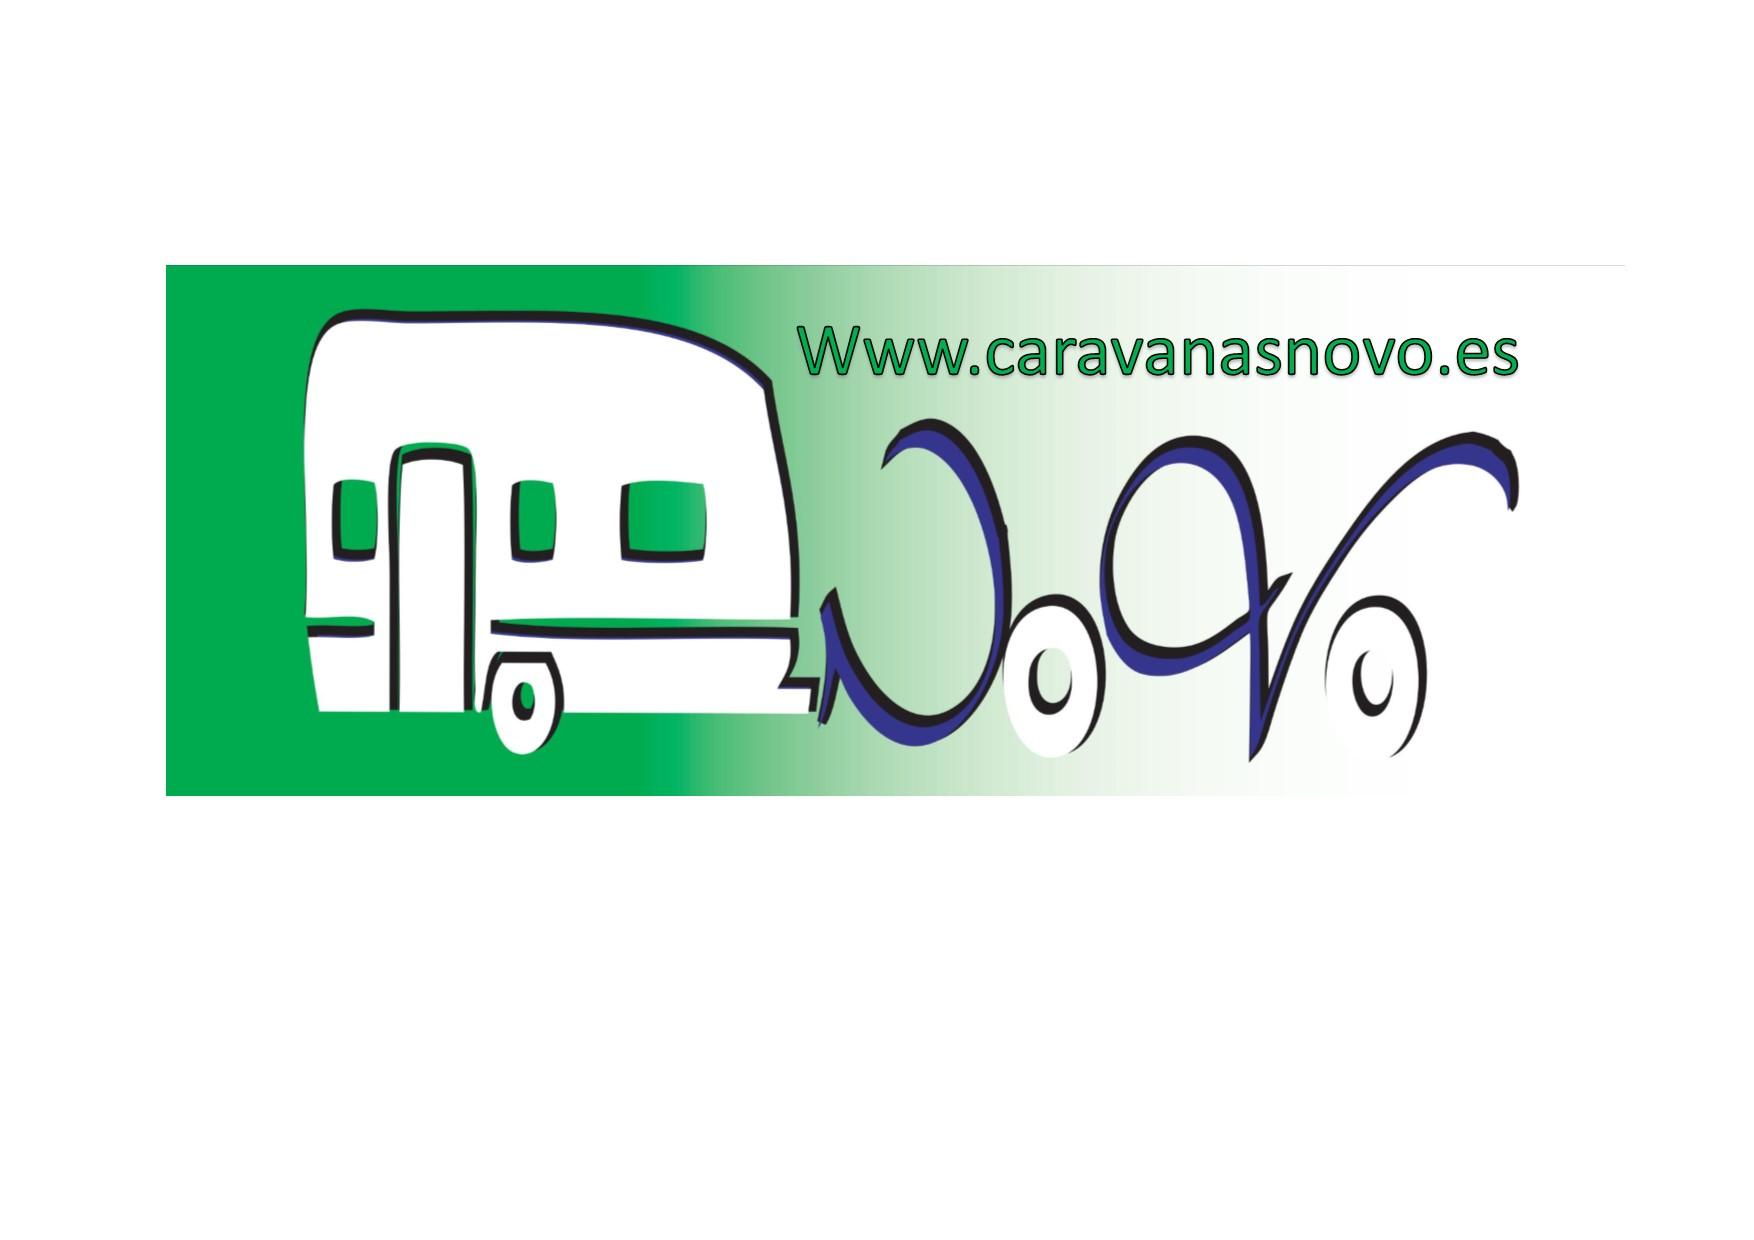 CARAVANAS NOVO - Venta de Mobil Homes - Alquiler y venta de Autocaravanas.